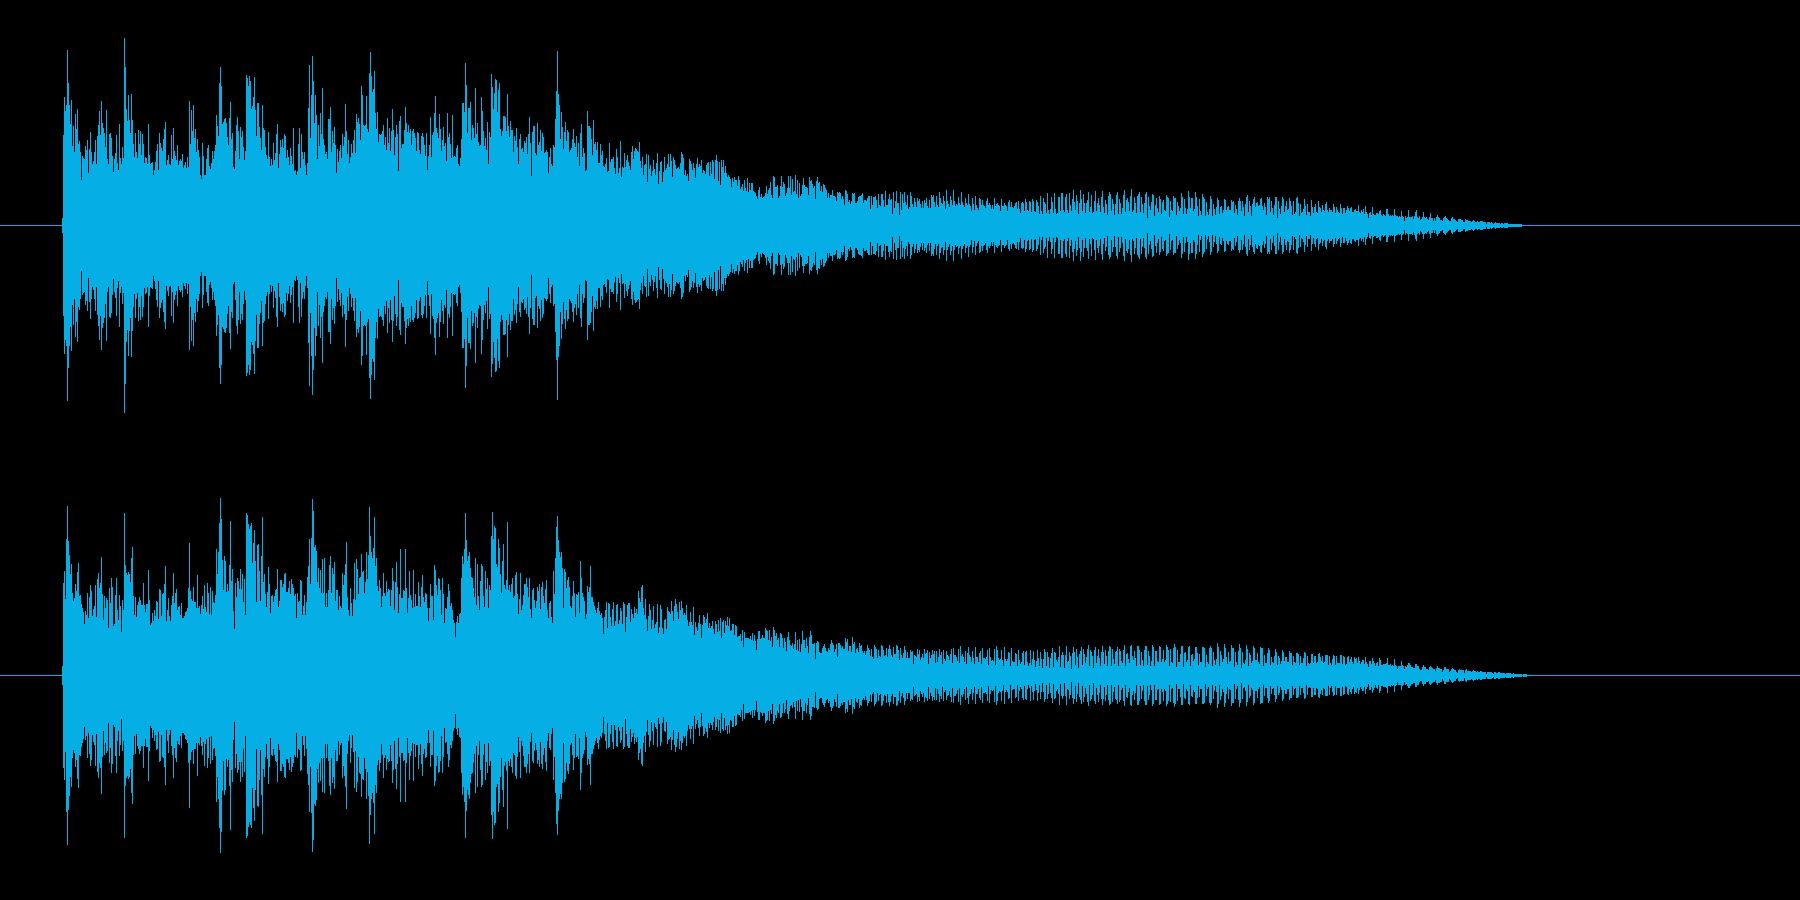 明るい未来を期待できるミュージックの再生済みの波形